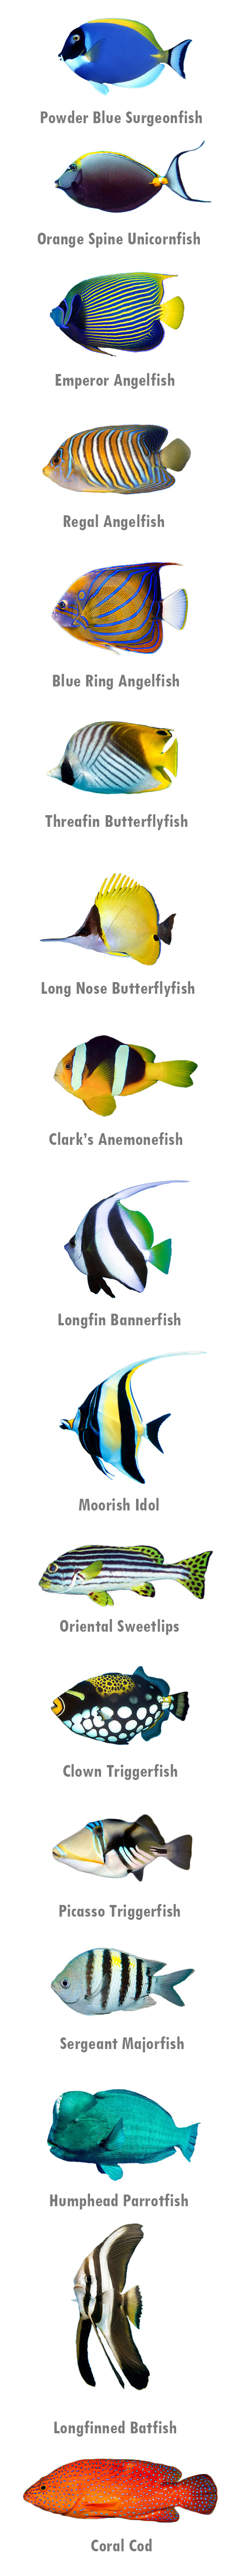 Nias Island Reef Fishes